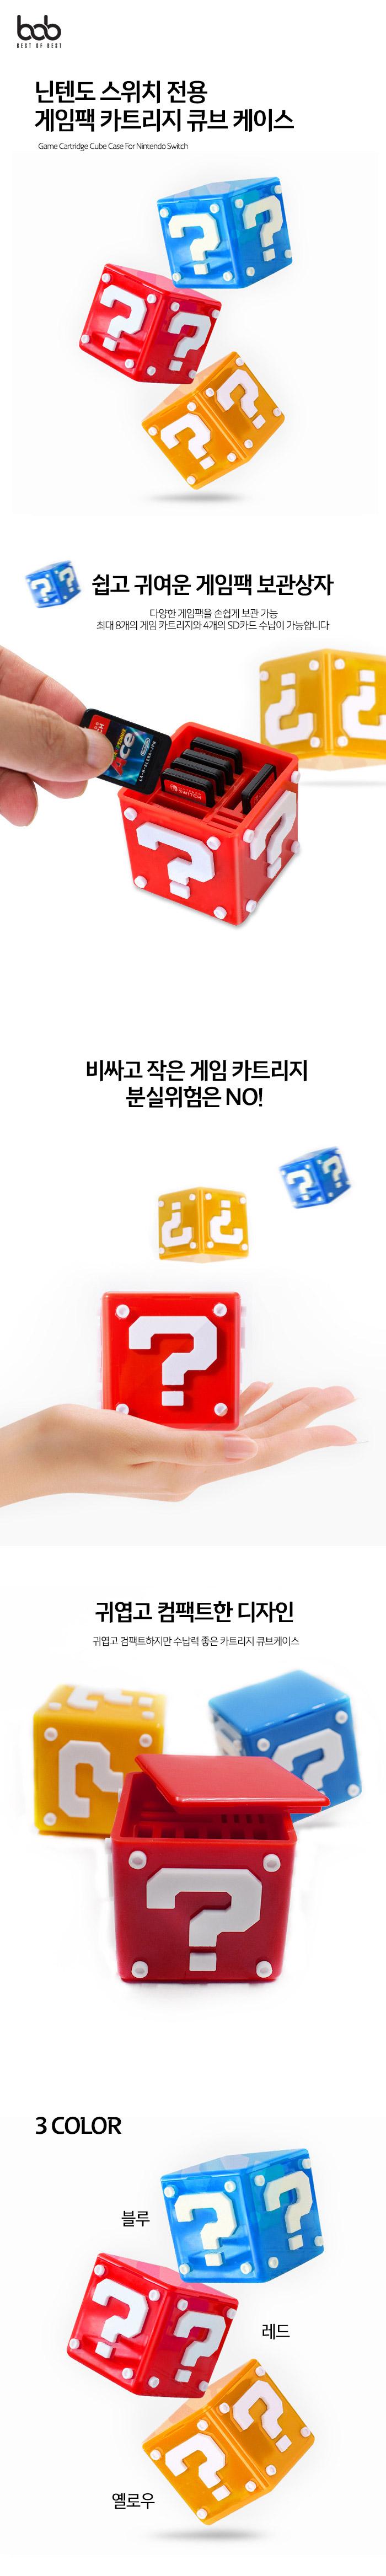 bob 닌텐도스위치 게임팩 카트리지 큐브 케이스 12개입 SD카드 타이틀 칩 보관 - 비오비, 13,900원, 게임기, 게임기 액세서리